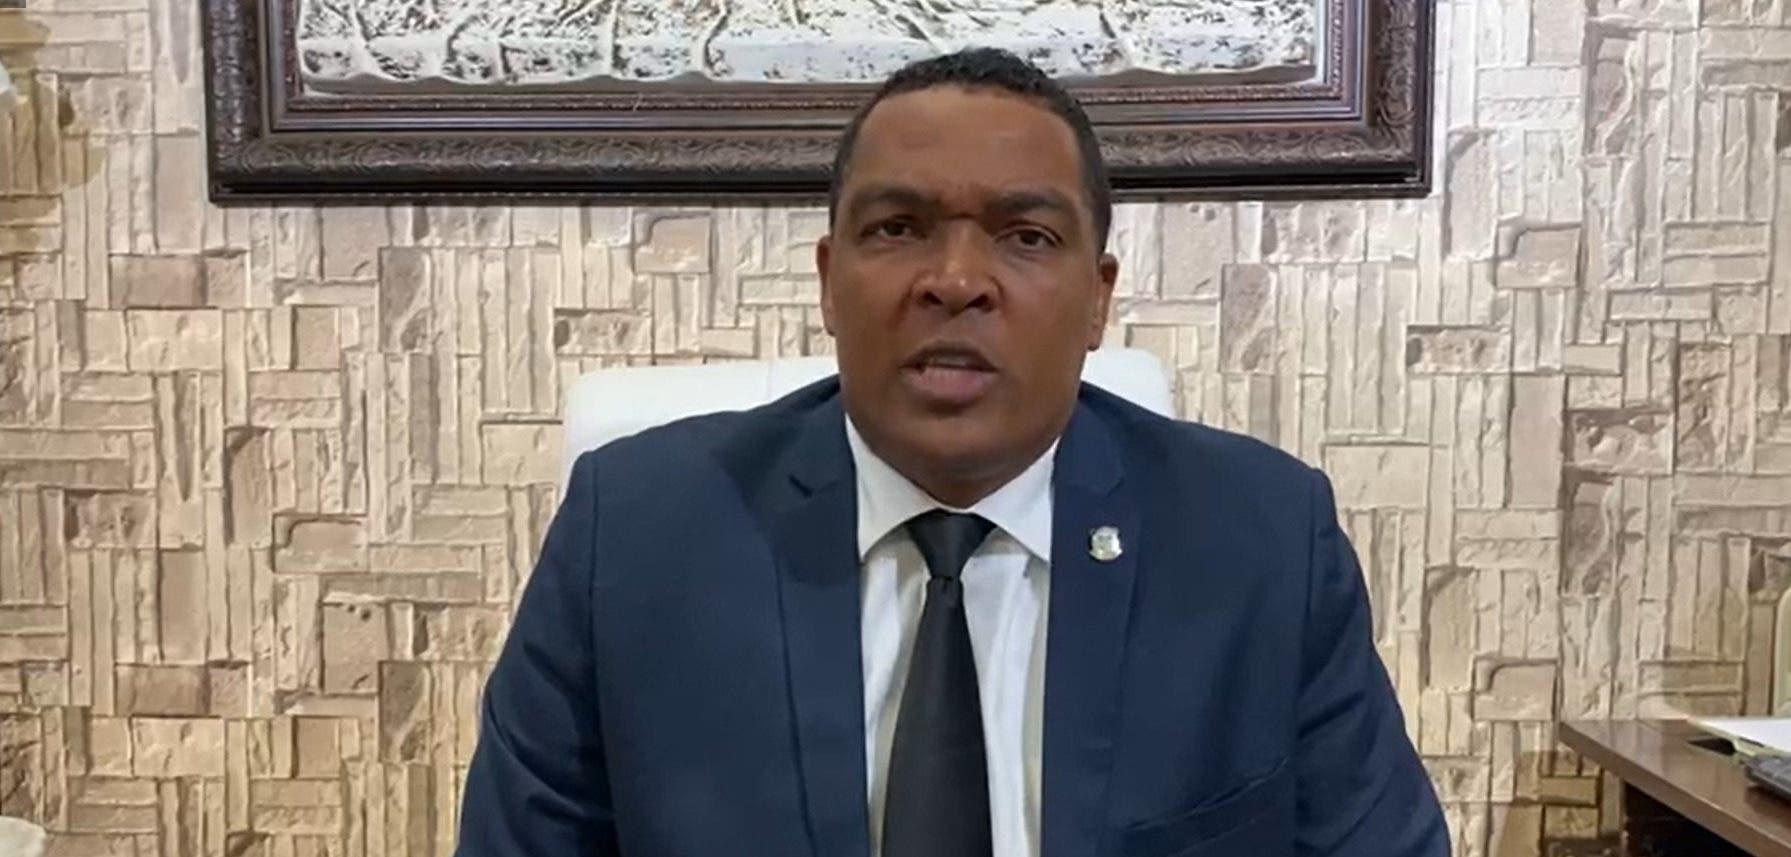 Botello sobre sanción de Consejo de Disciplina: mamotreto jurídico golpea orden constitucional